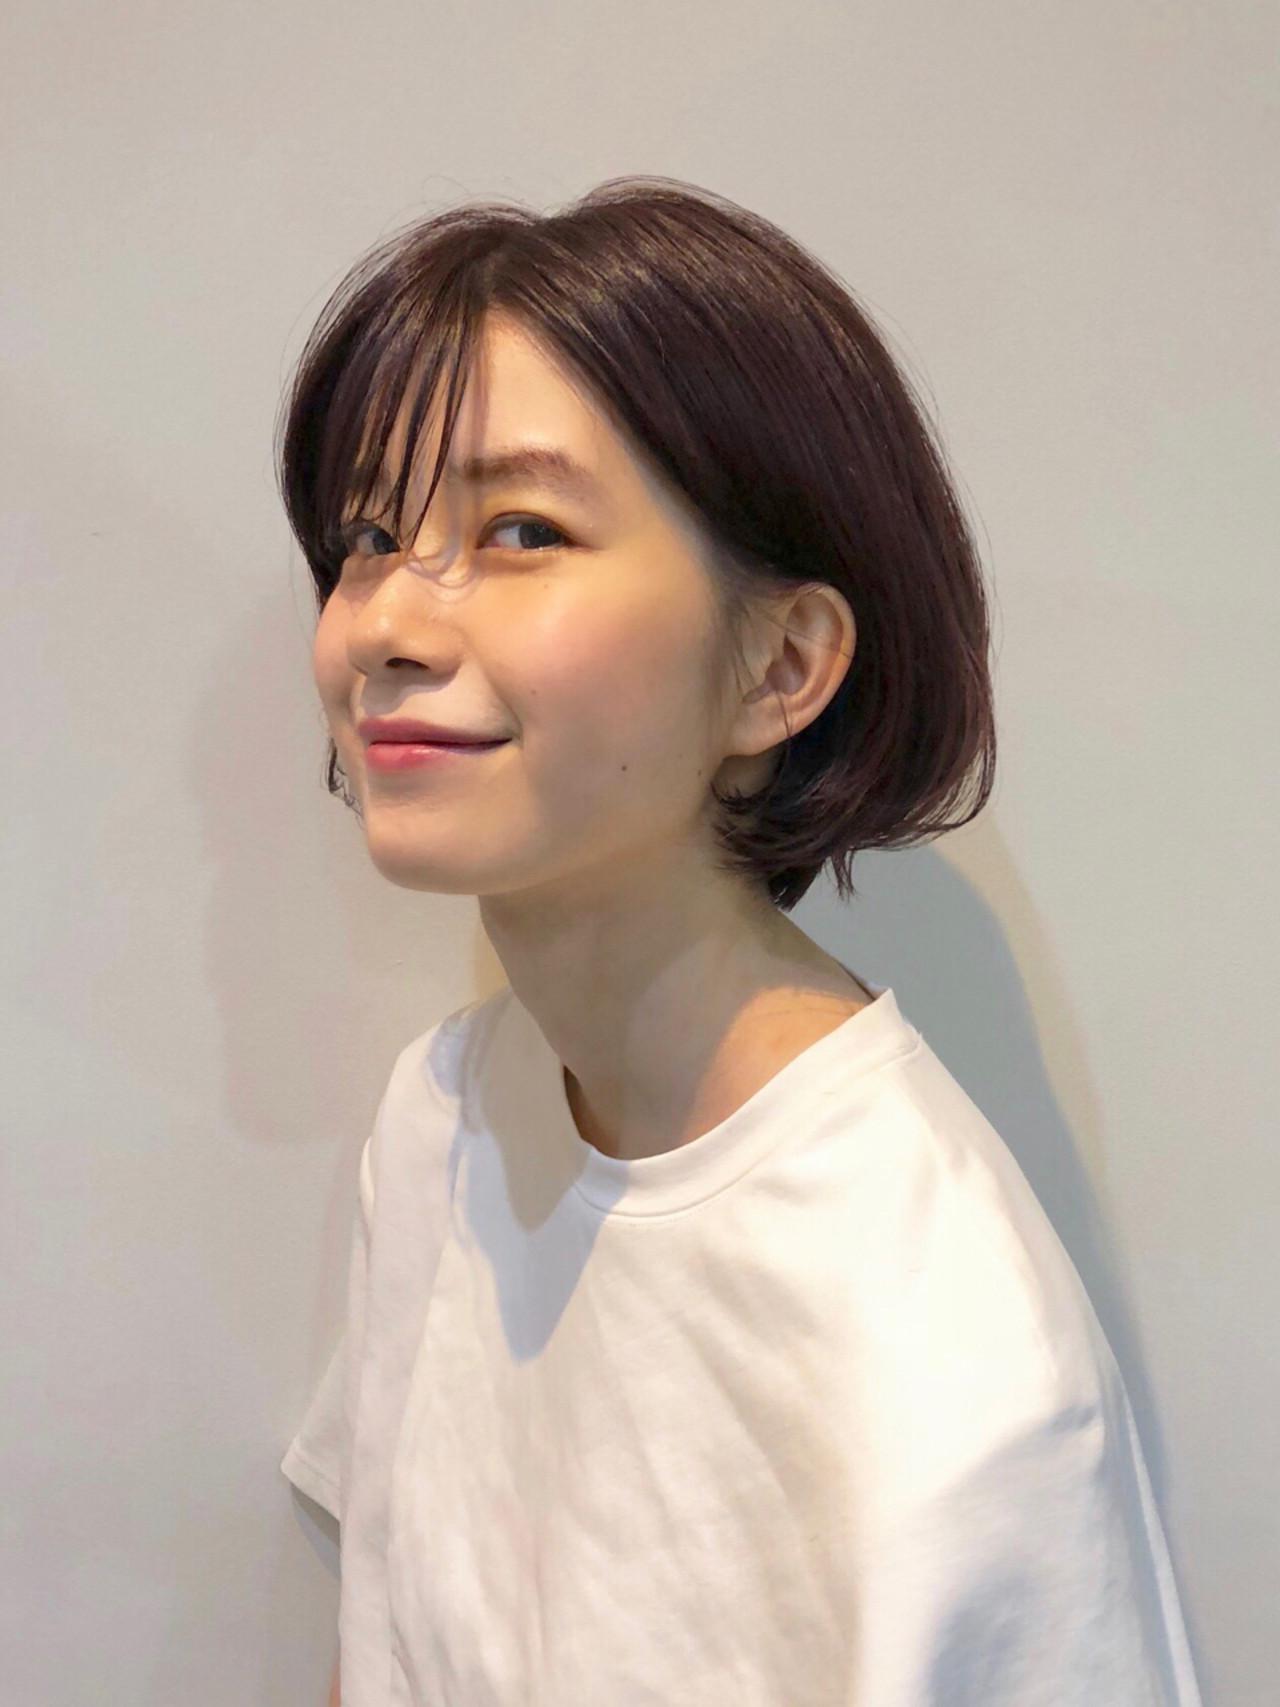 前髪あり 大人かわいい スポーツ 抜け感 ヘアスタイルや髪型の写真・画像 | 大西 絢子/HOULe / HOULe